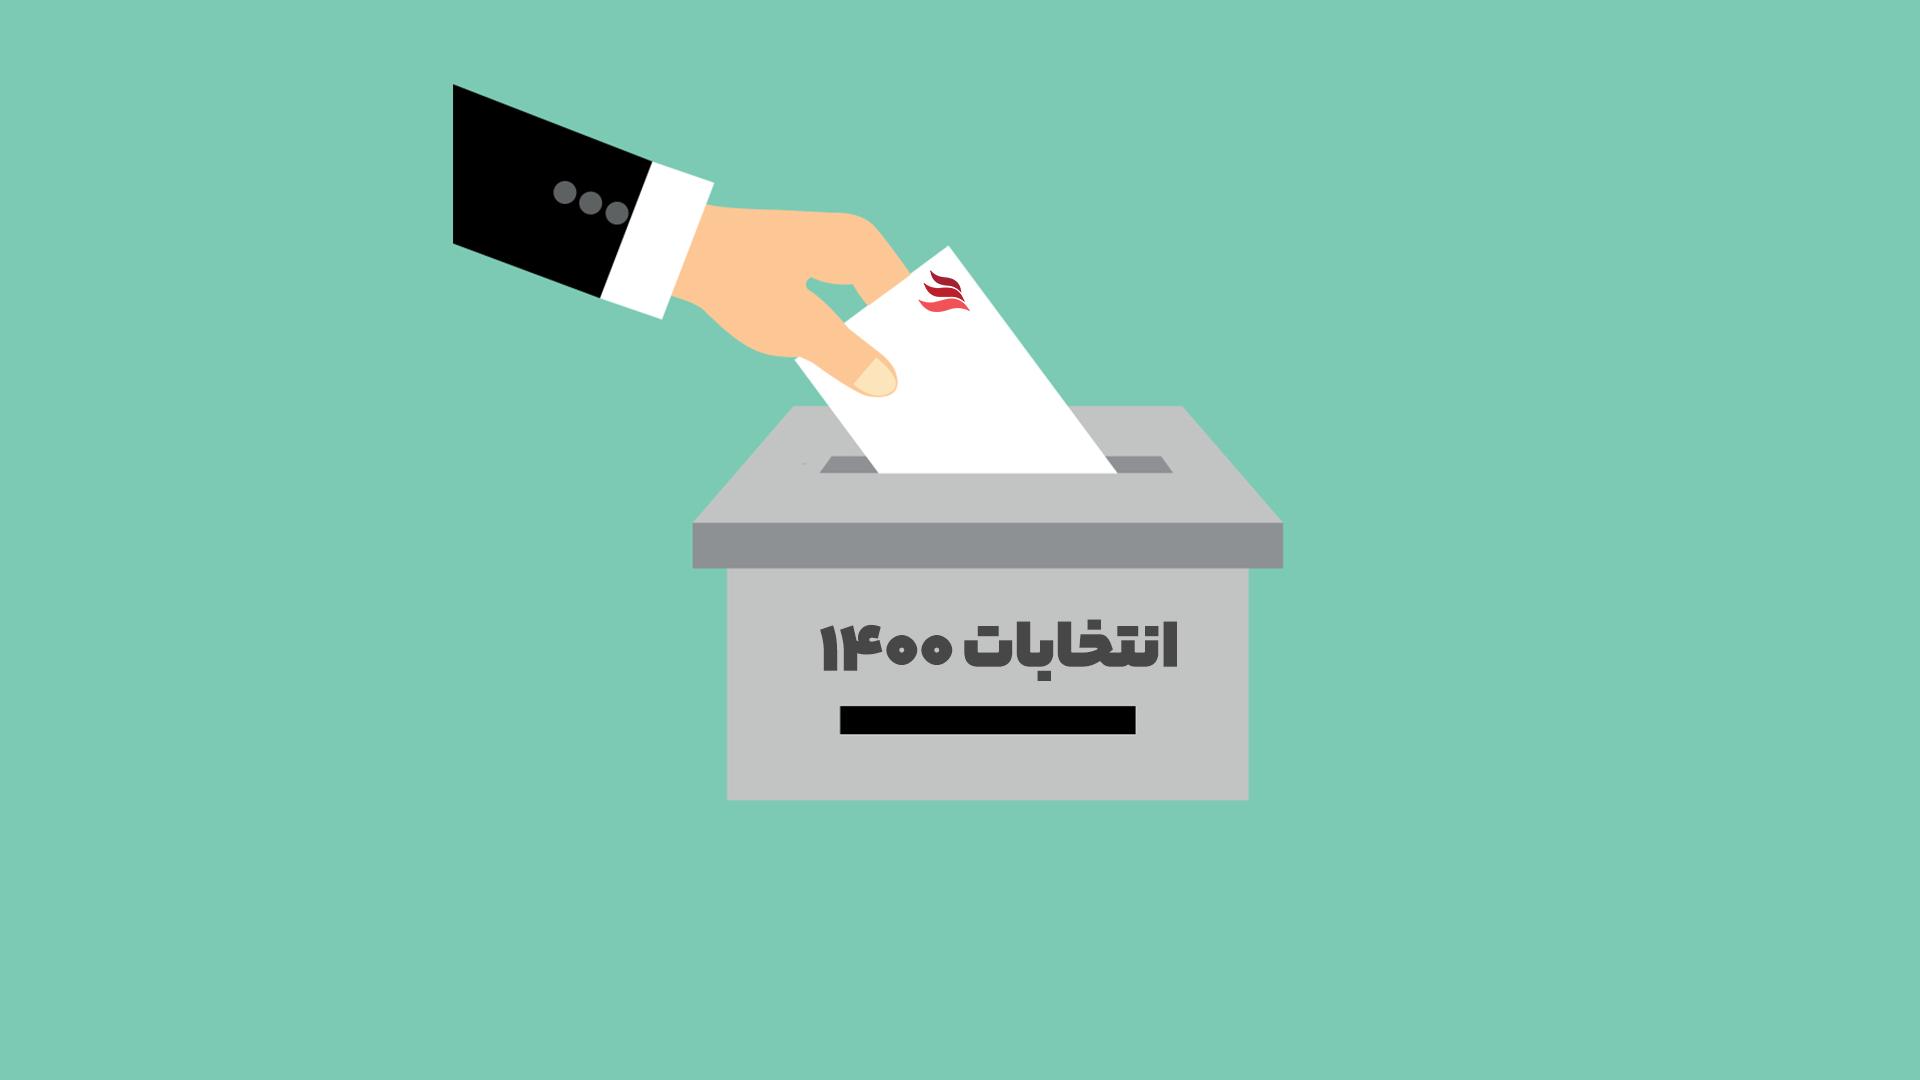 راهنمای کامل و بروز تبلیغات انتخاباتی 1400 ویژه کاندیداهای محترم شورای شهر و روستا